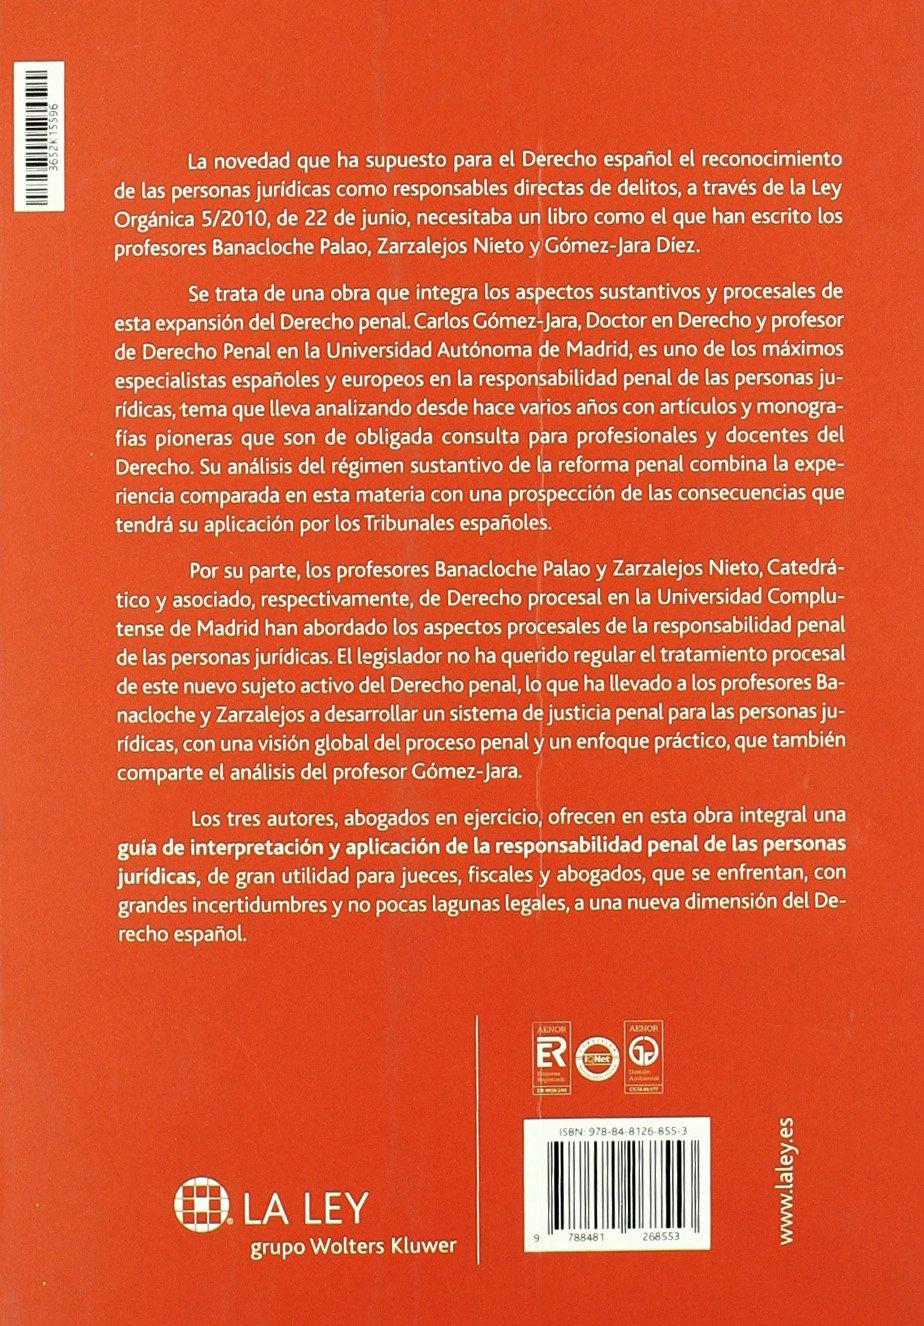 Responsabilidad penal de las personas jurdicas: Aspectos sustantivos y procesales Temas La Ley: Amazon.es: Julio Banacloche Palao, Jesús Zarzalejos Nieto, ...